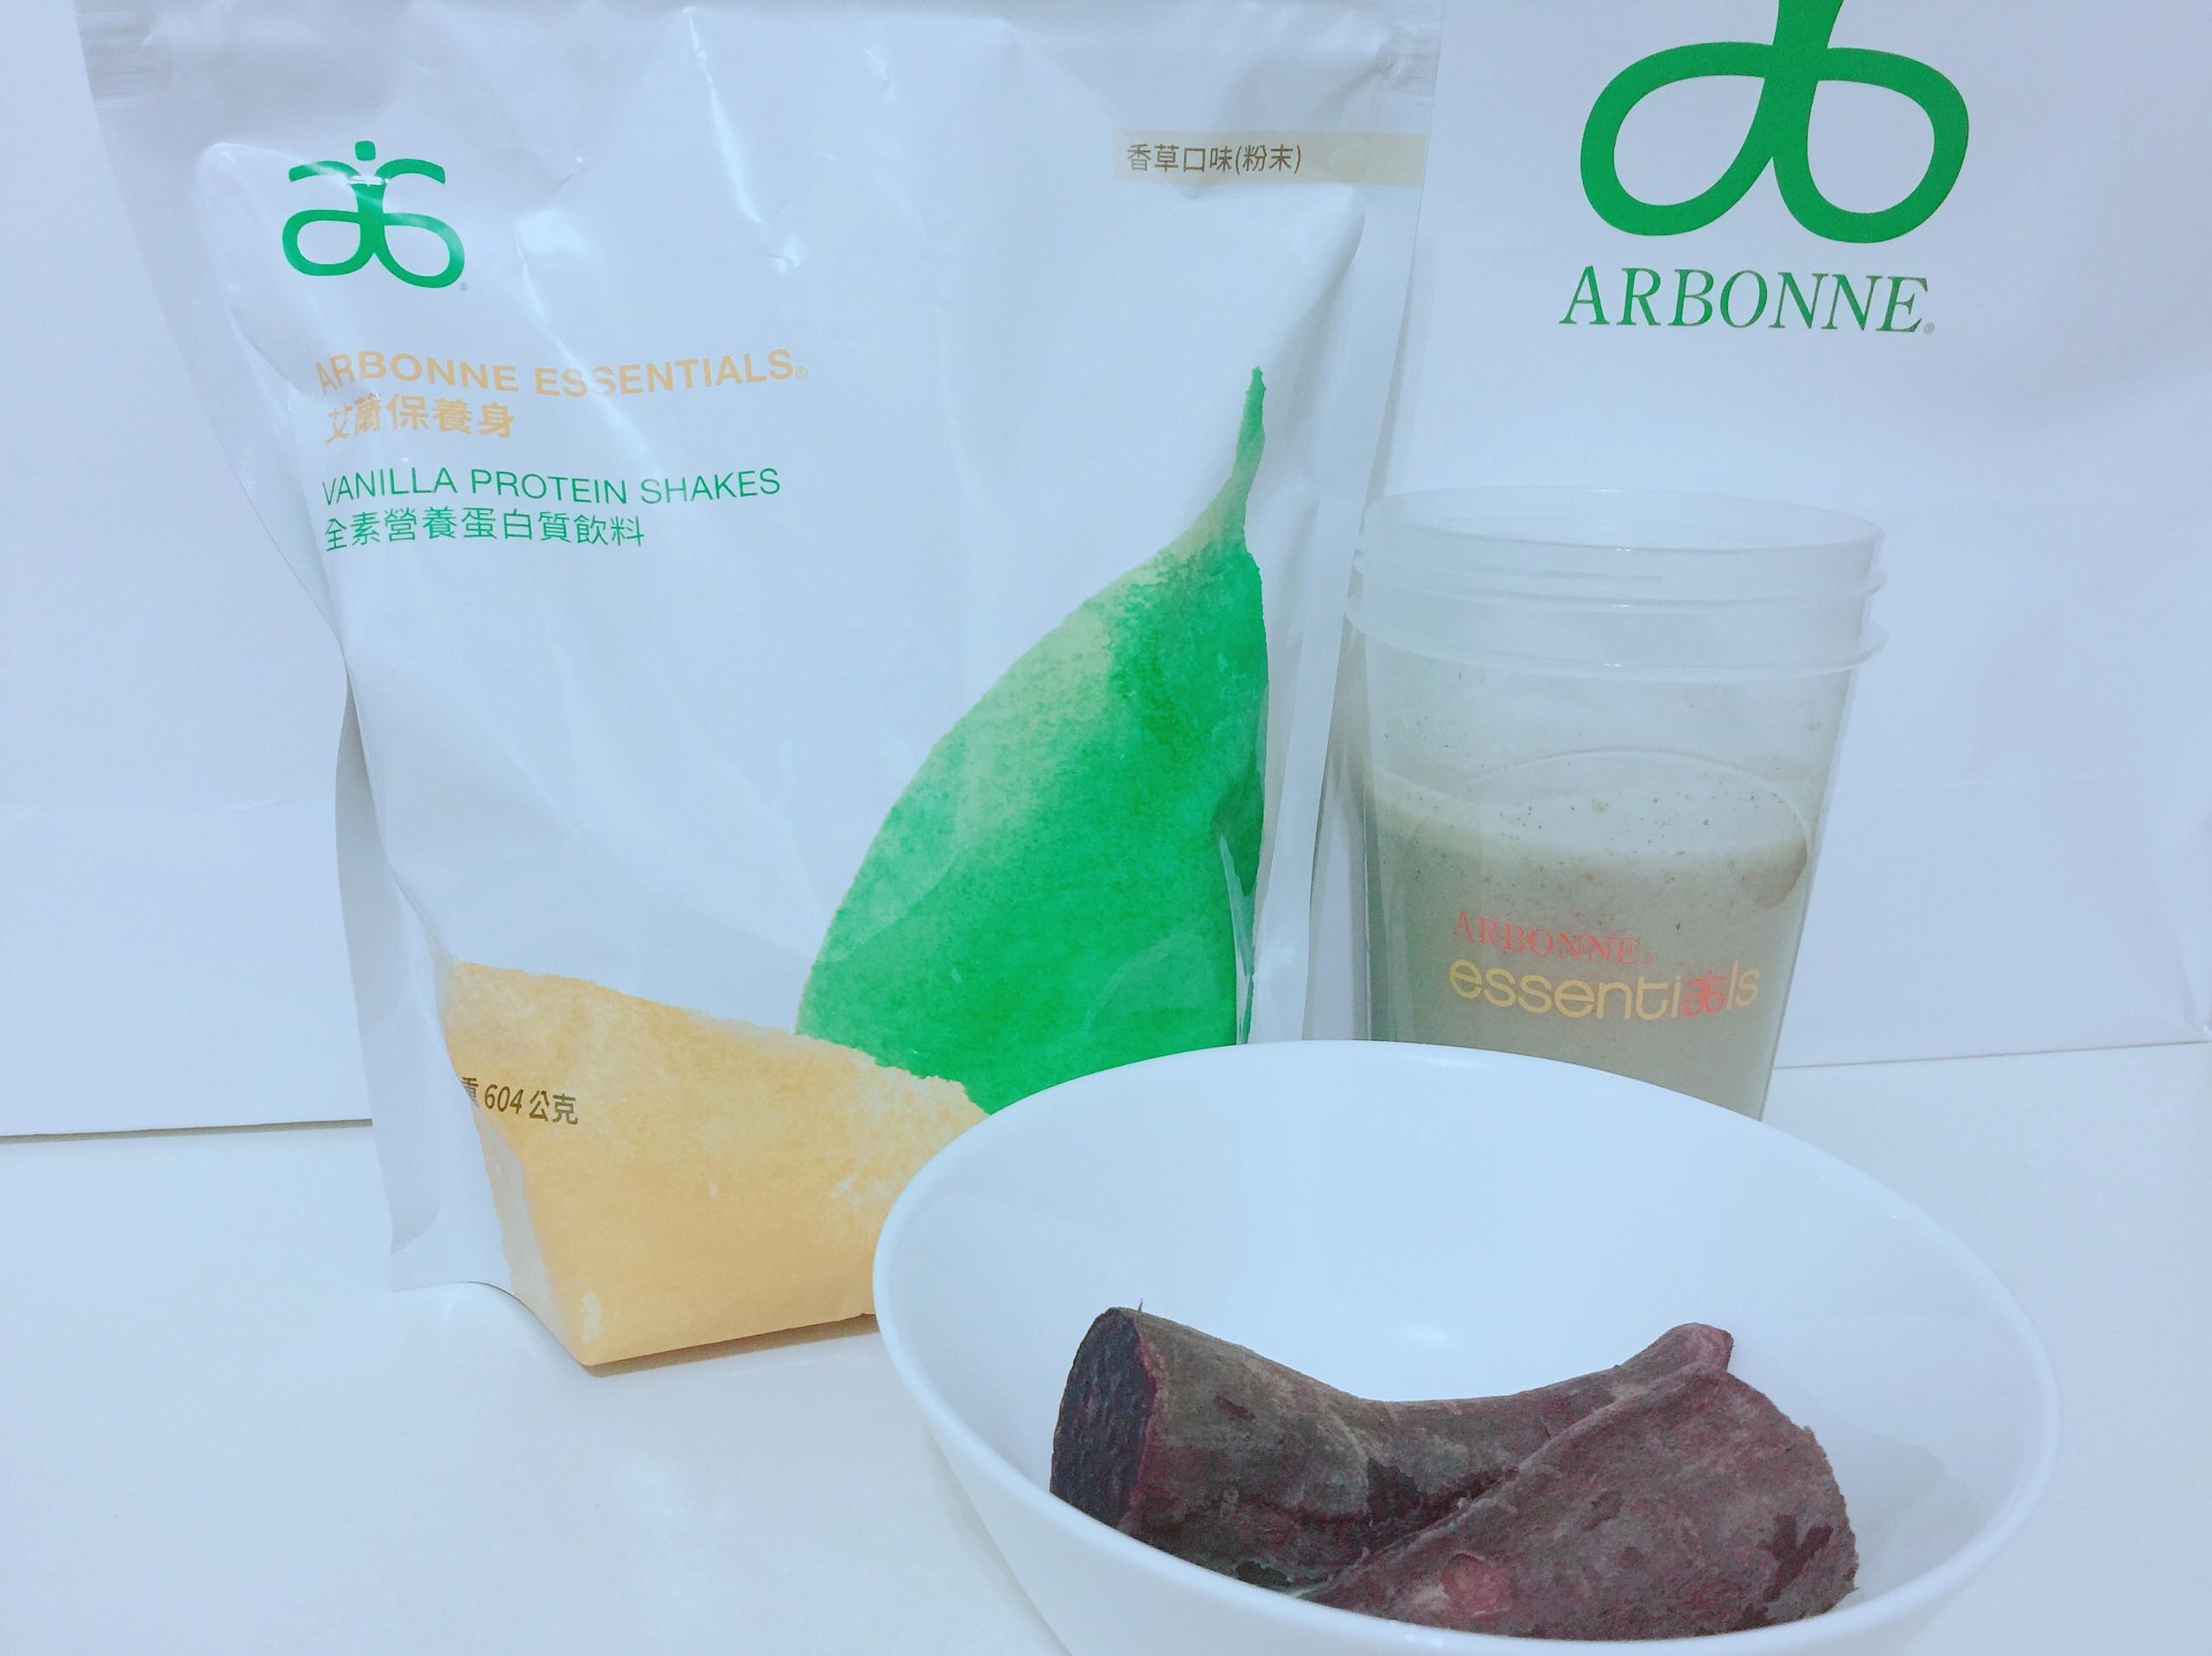 美肌早餐  芝麻薏仁蛋白質飲料 紫色地瓜